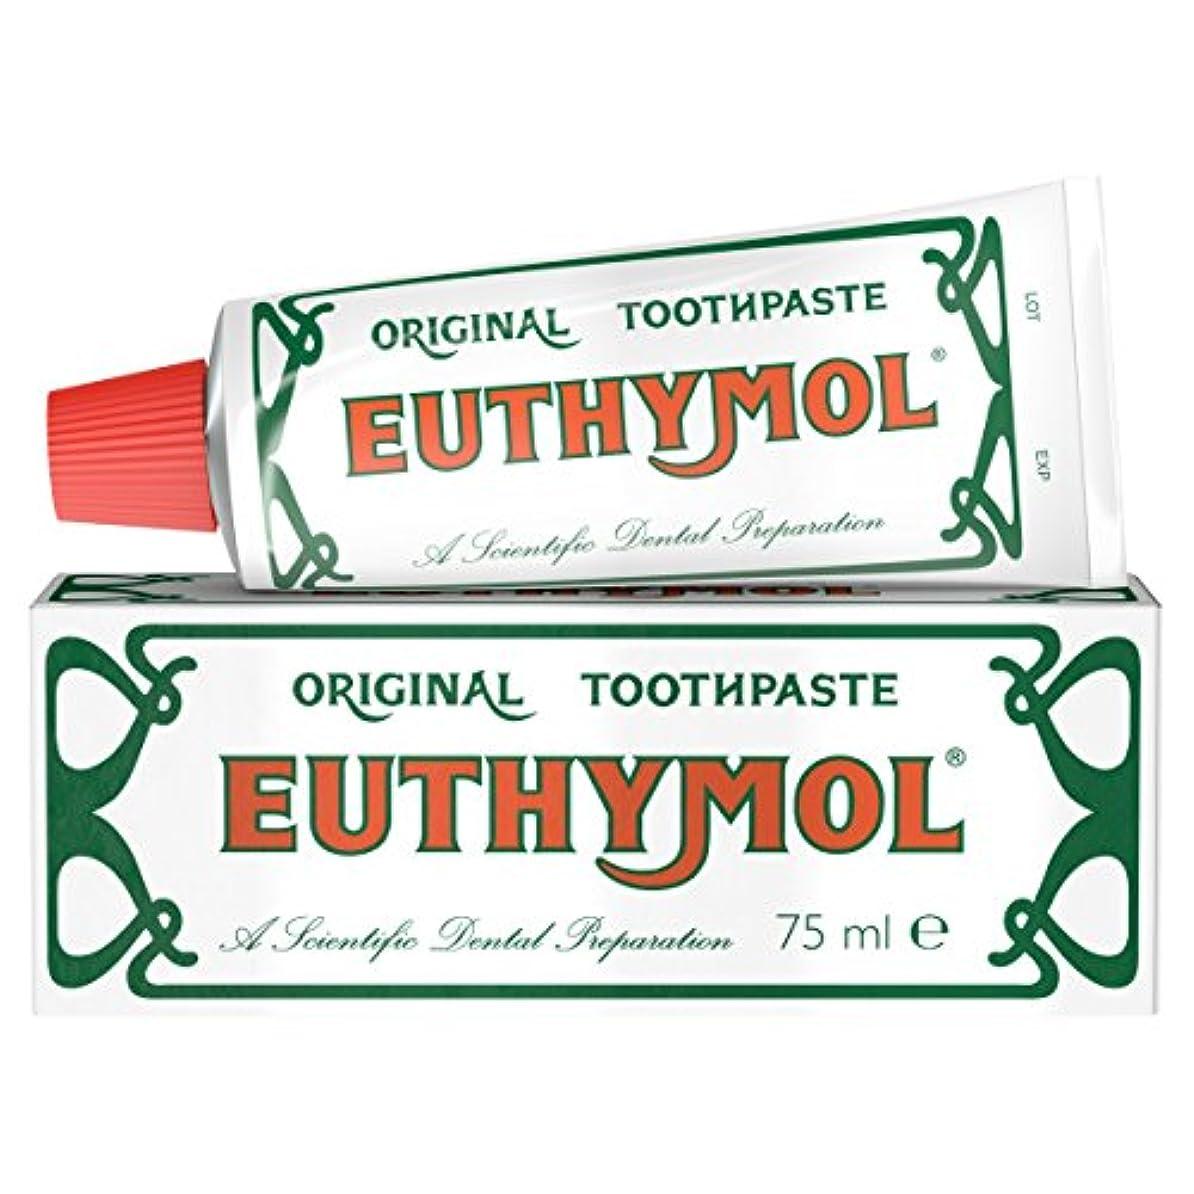 腰ラベンダーホームレスEuthymol オリジナル歯磨き粉 75ml 並行輸入品 Euthymol Original Toothpaste 75 Ml